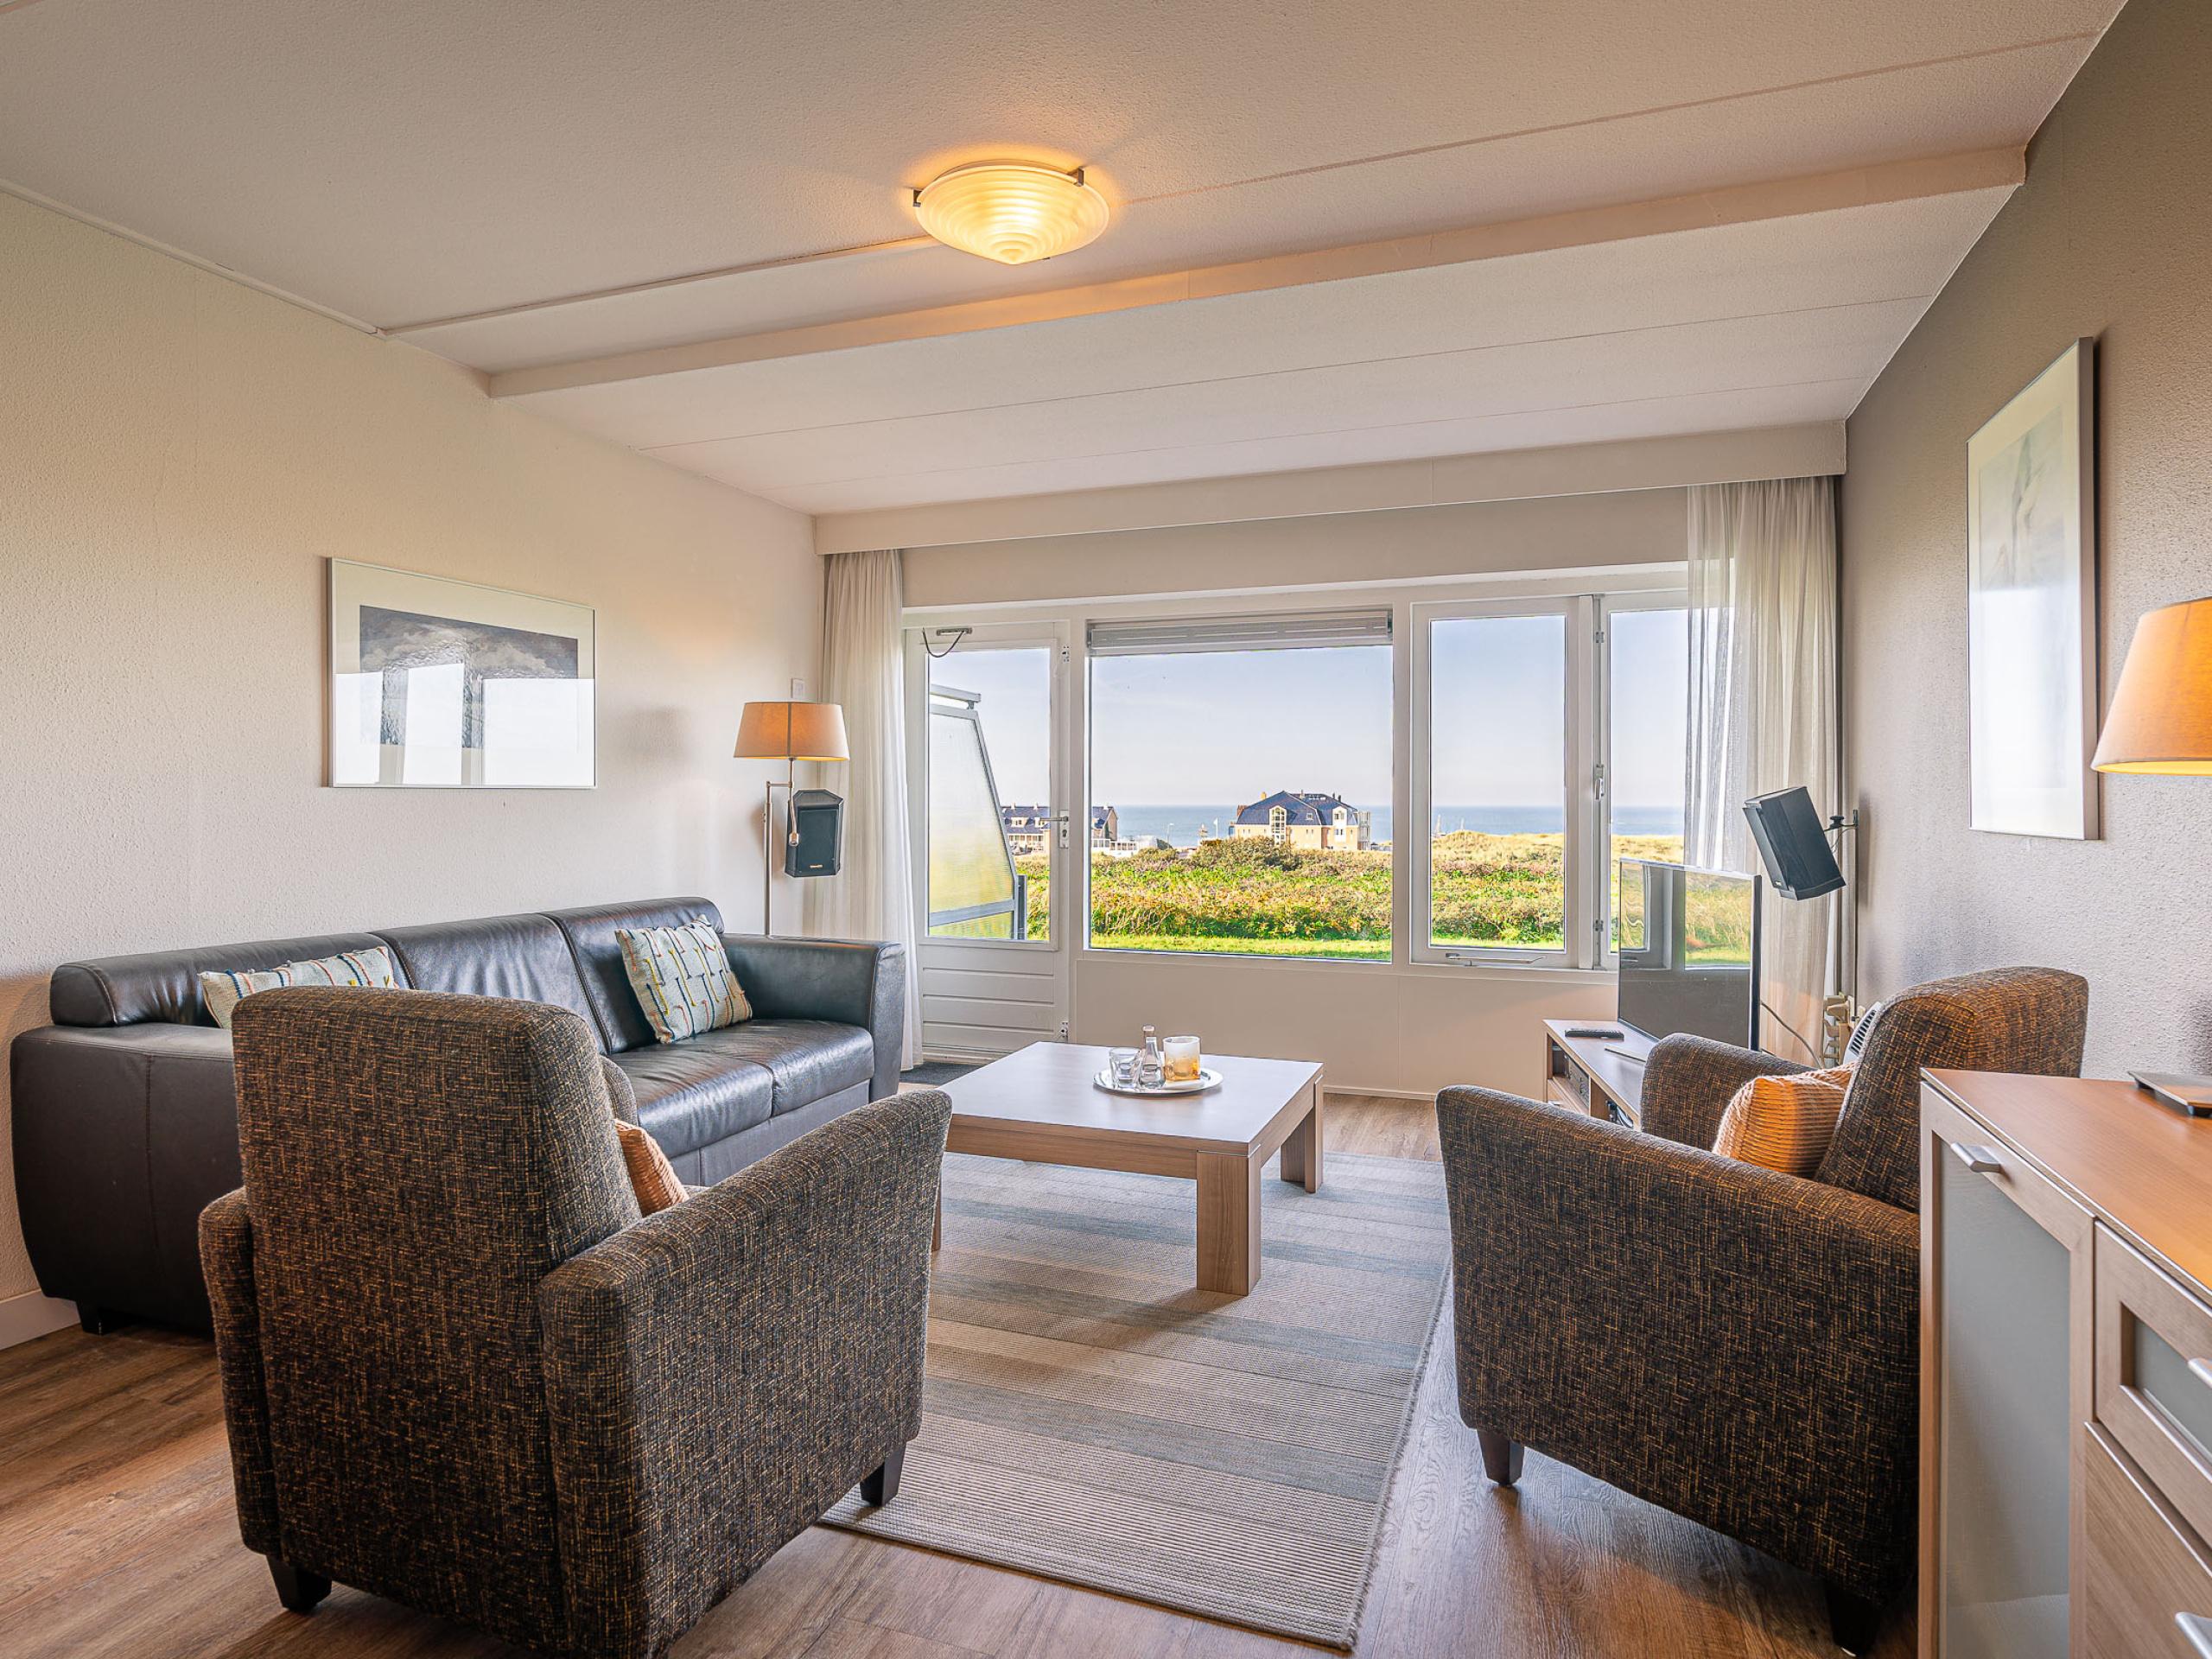 Appartement bei De Koog mit großem sonnigem Balkon mit Meerblick